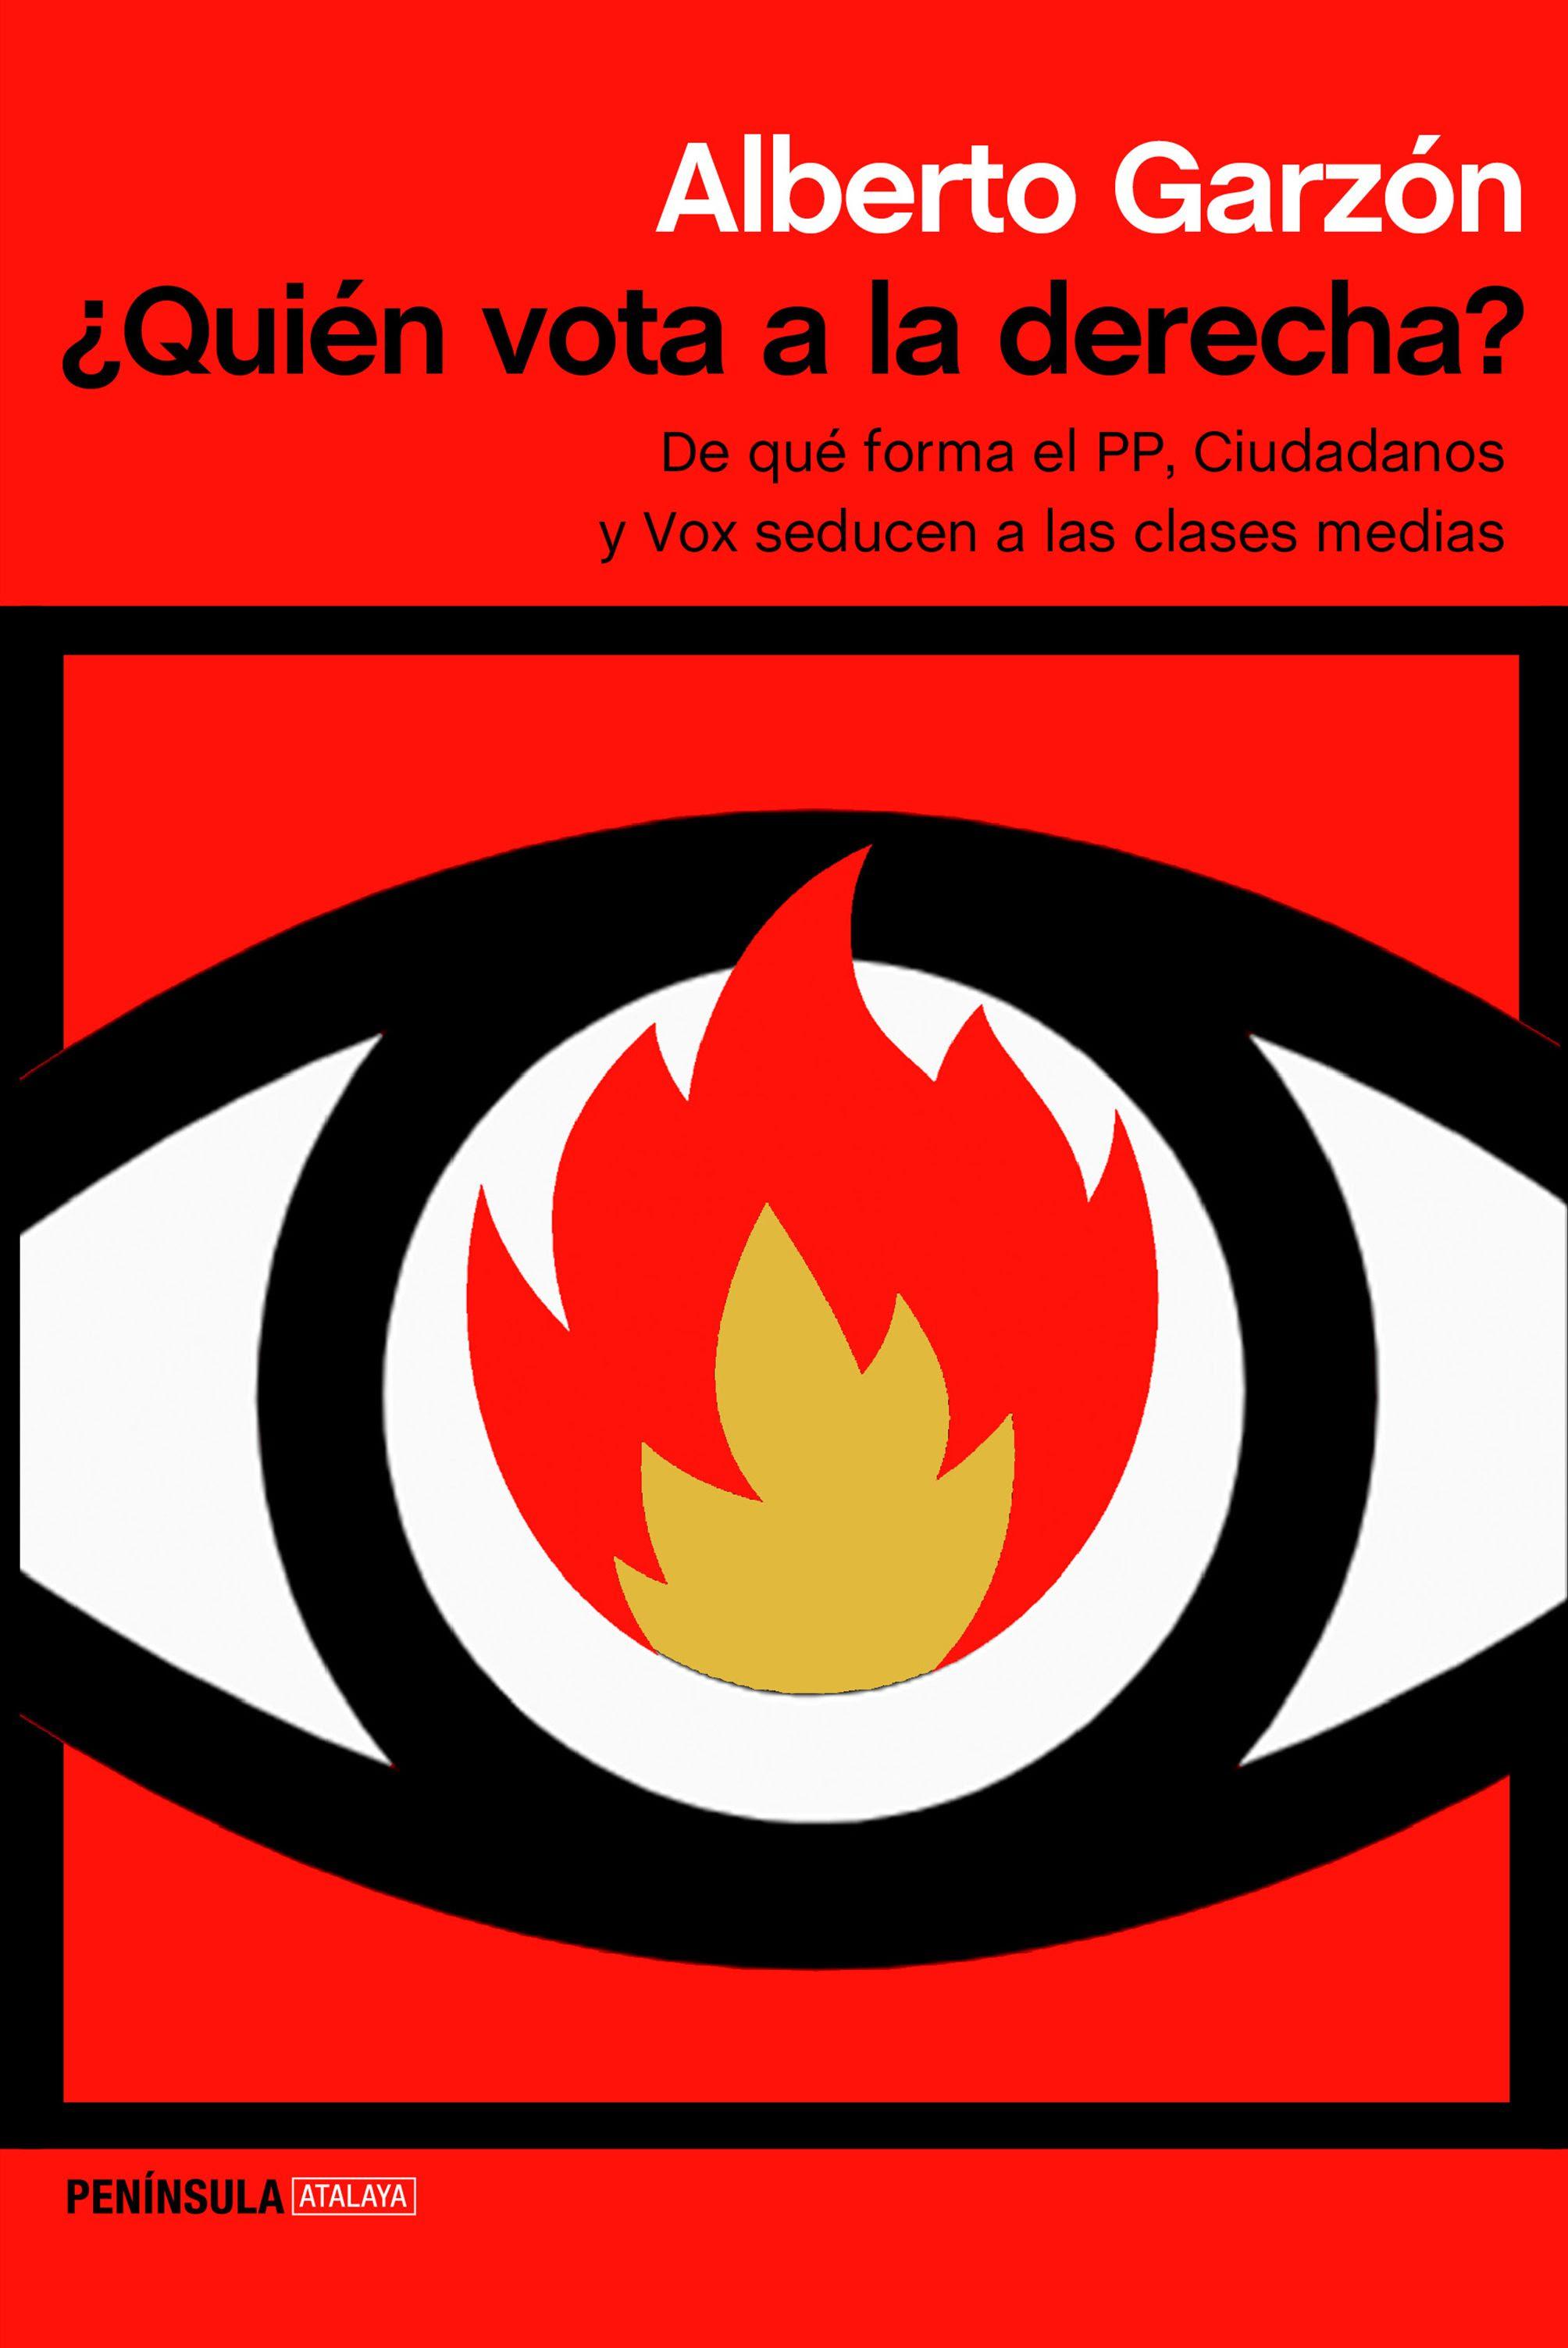 50 Preguntas Y Respuestas Sobre El Tratado De Libre Comercio Alberto Garzon